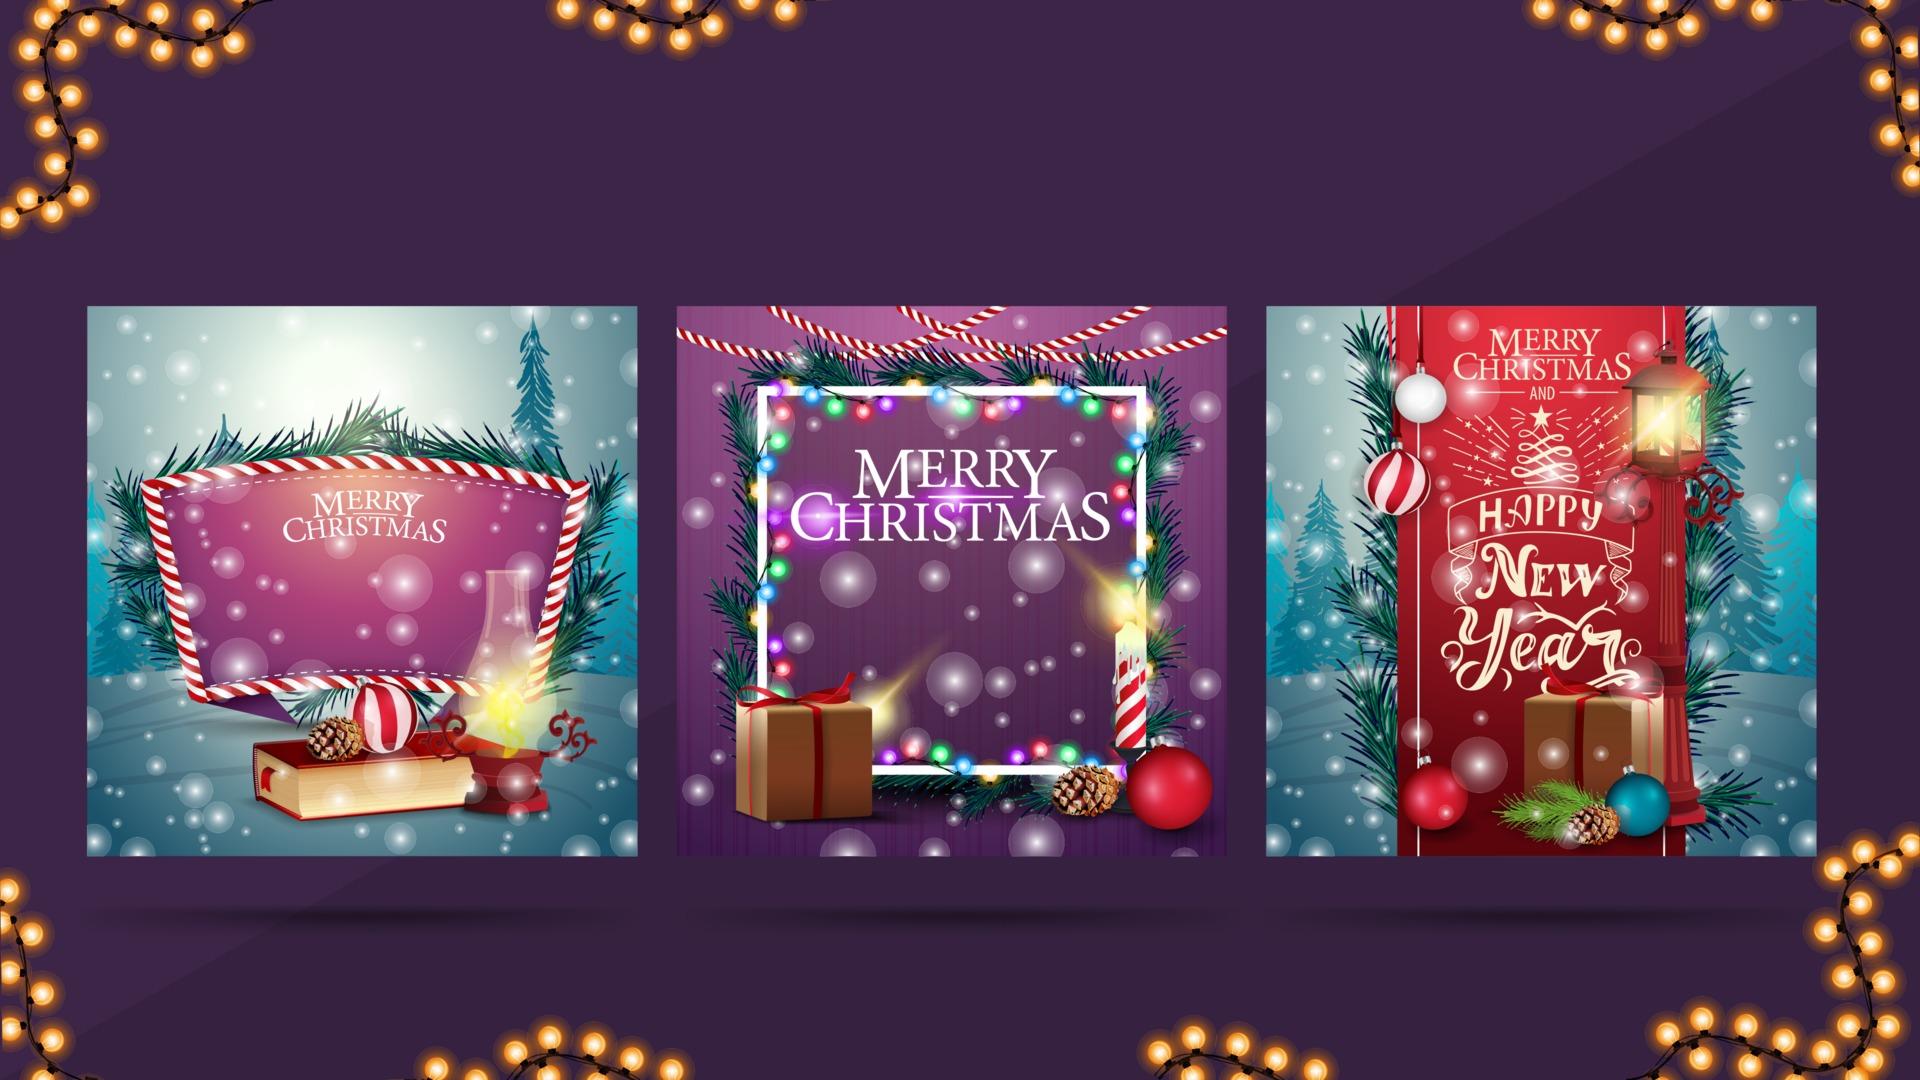 Sfondi Paesaggi Natalizi.Cartoline Di Natale Con Paesaggi O Sfondi Natalizi Per Le Tue Arti 1967130 Scarica Immagini Vettoriali Gratis Grafica Vettoriale E Disegno Modelli